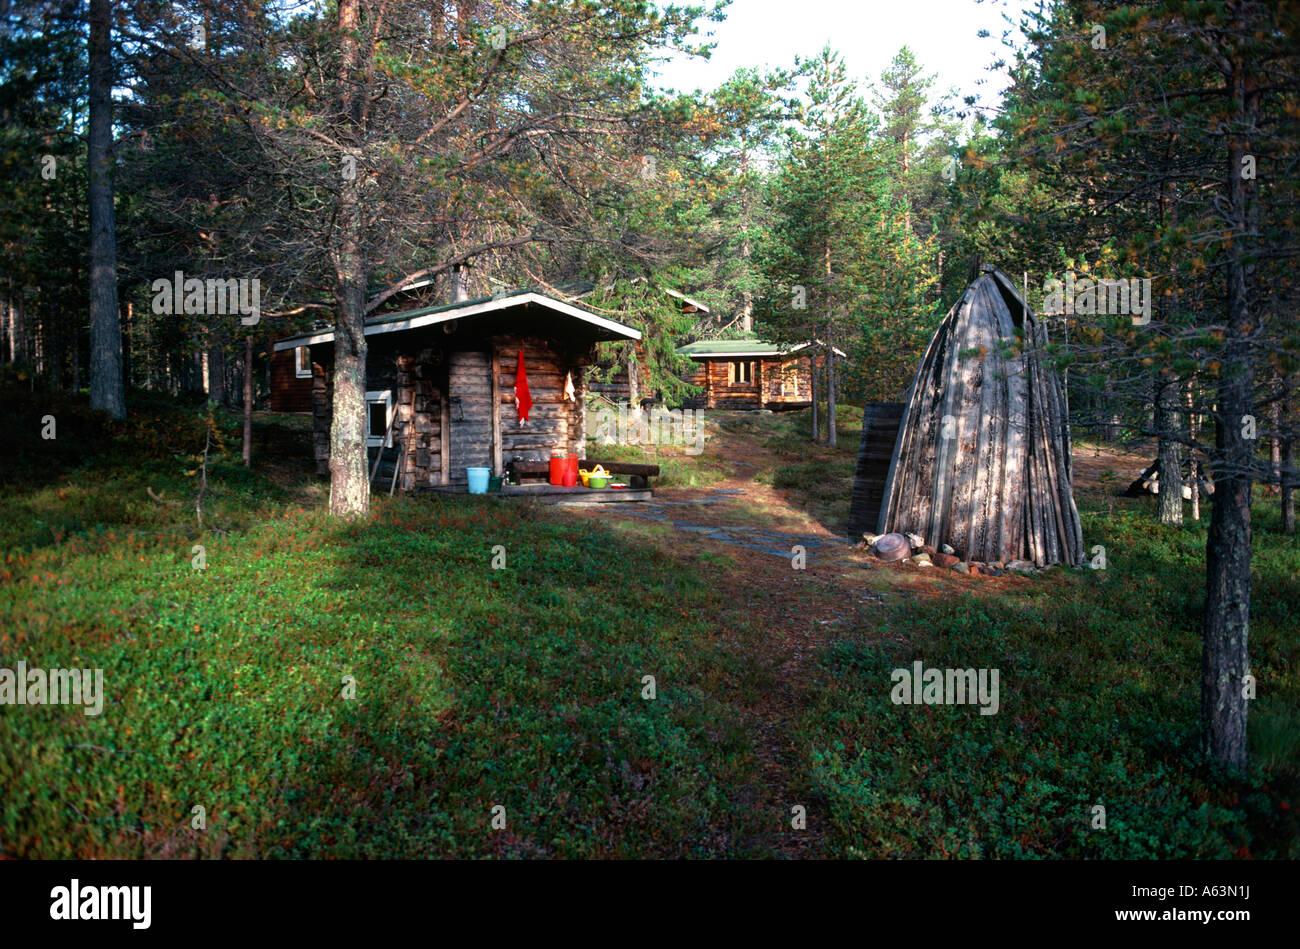 Freizeit-Hütte und Sauna-Hütte nahe der Stadt von Muonio Region Lappland Finnland Stockbild